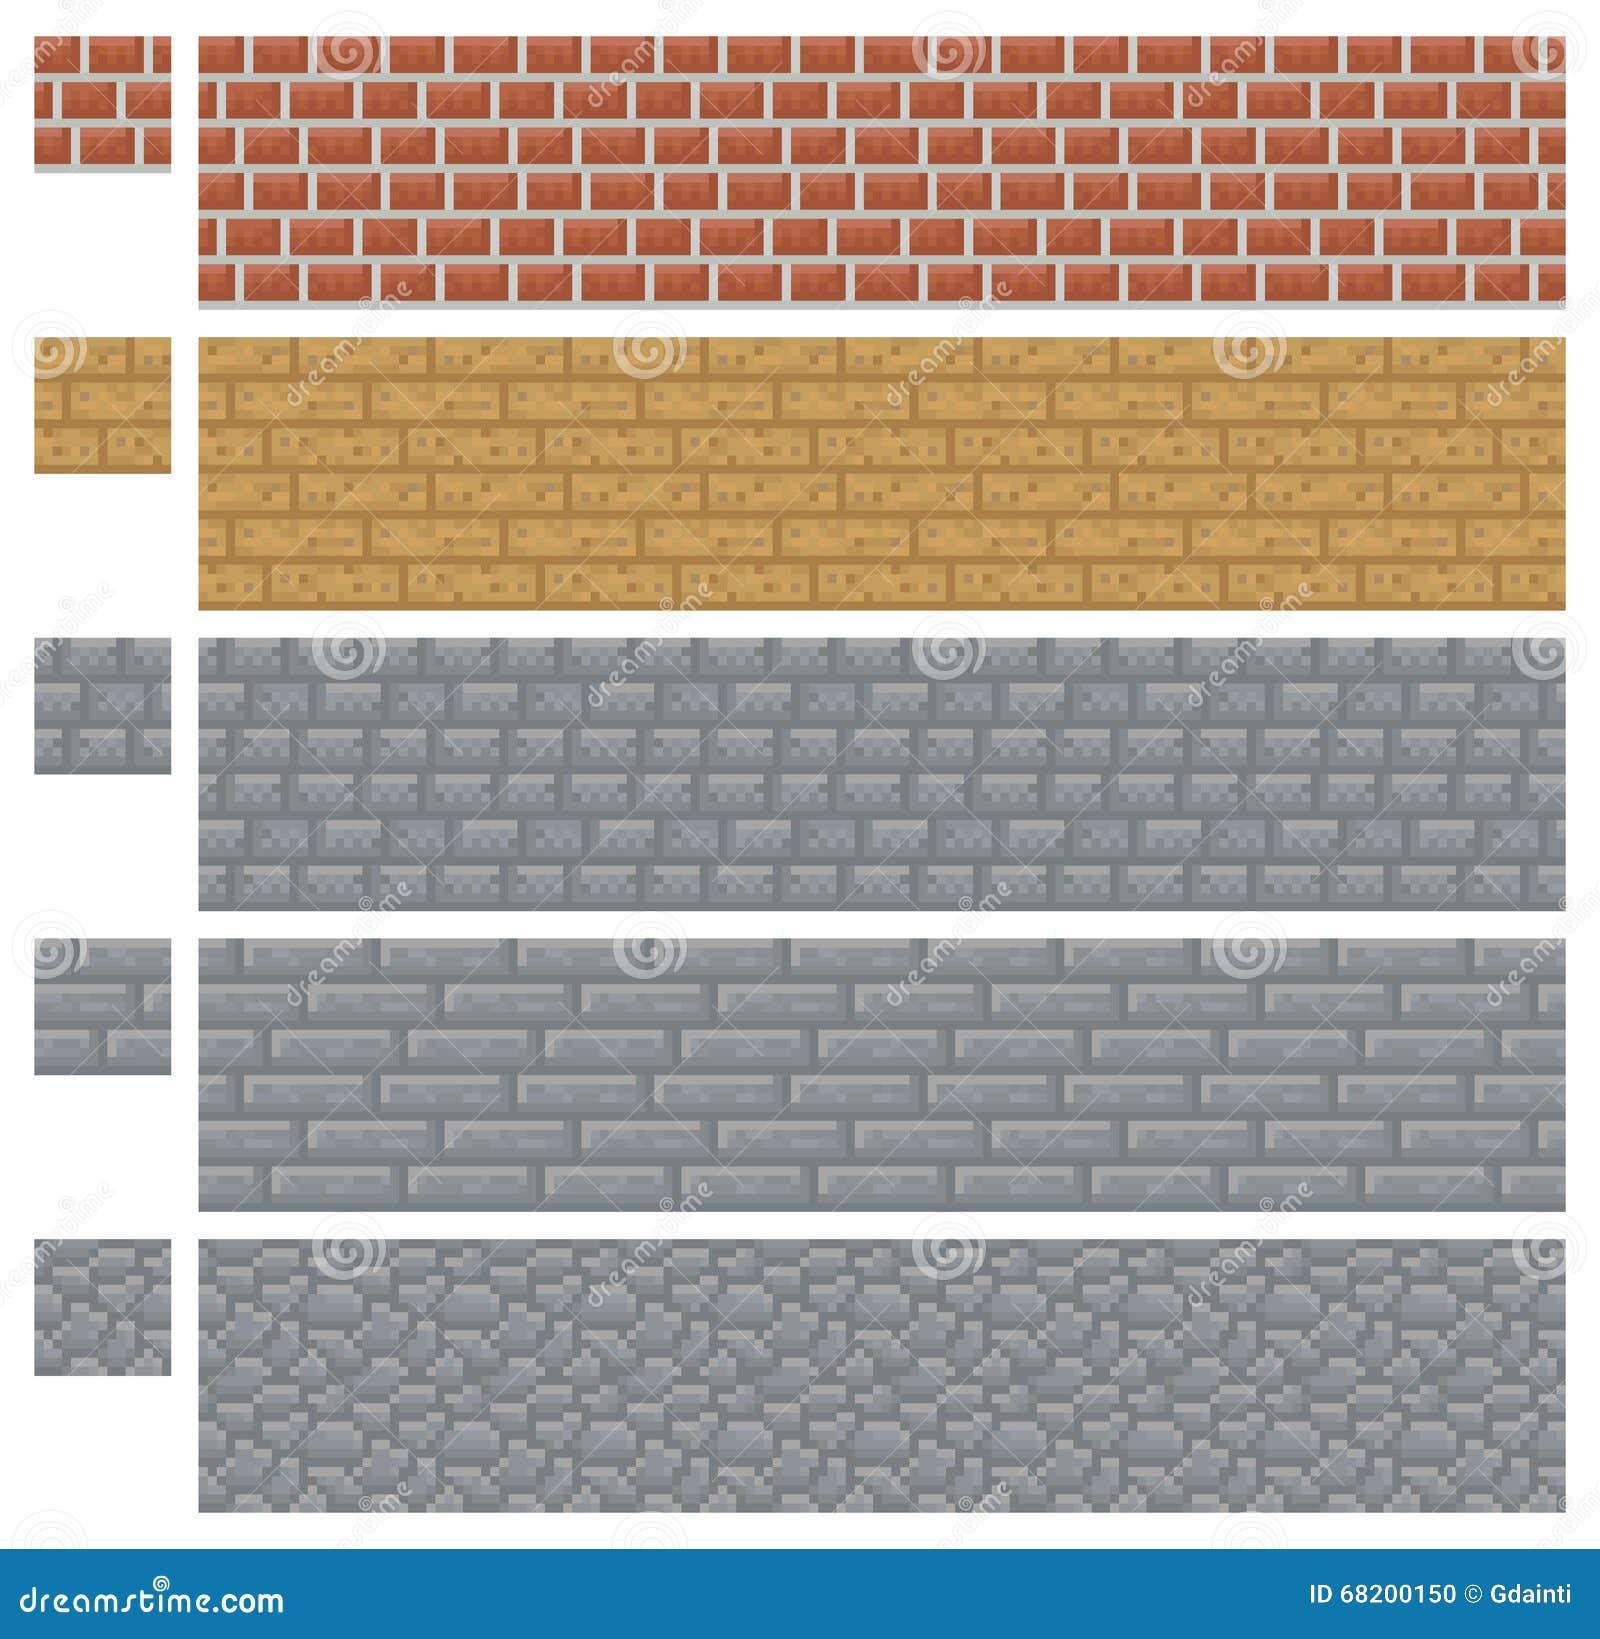 Masern Sie für platformers Pixel-Kunstvektor - Ziegelstein-, Stein- und Holzwand